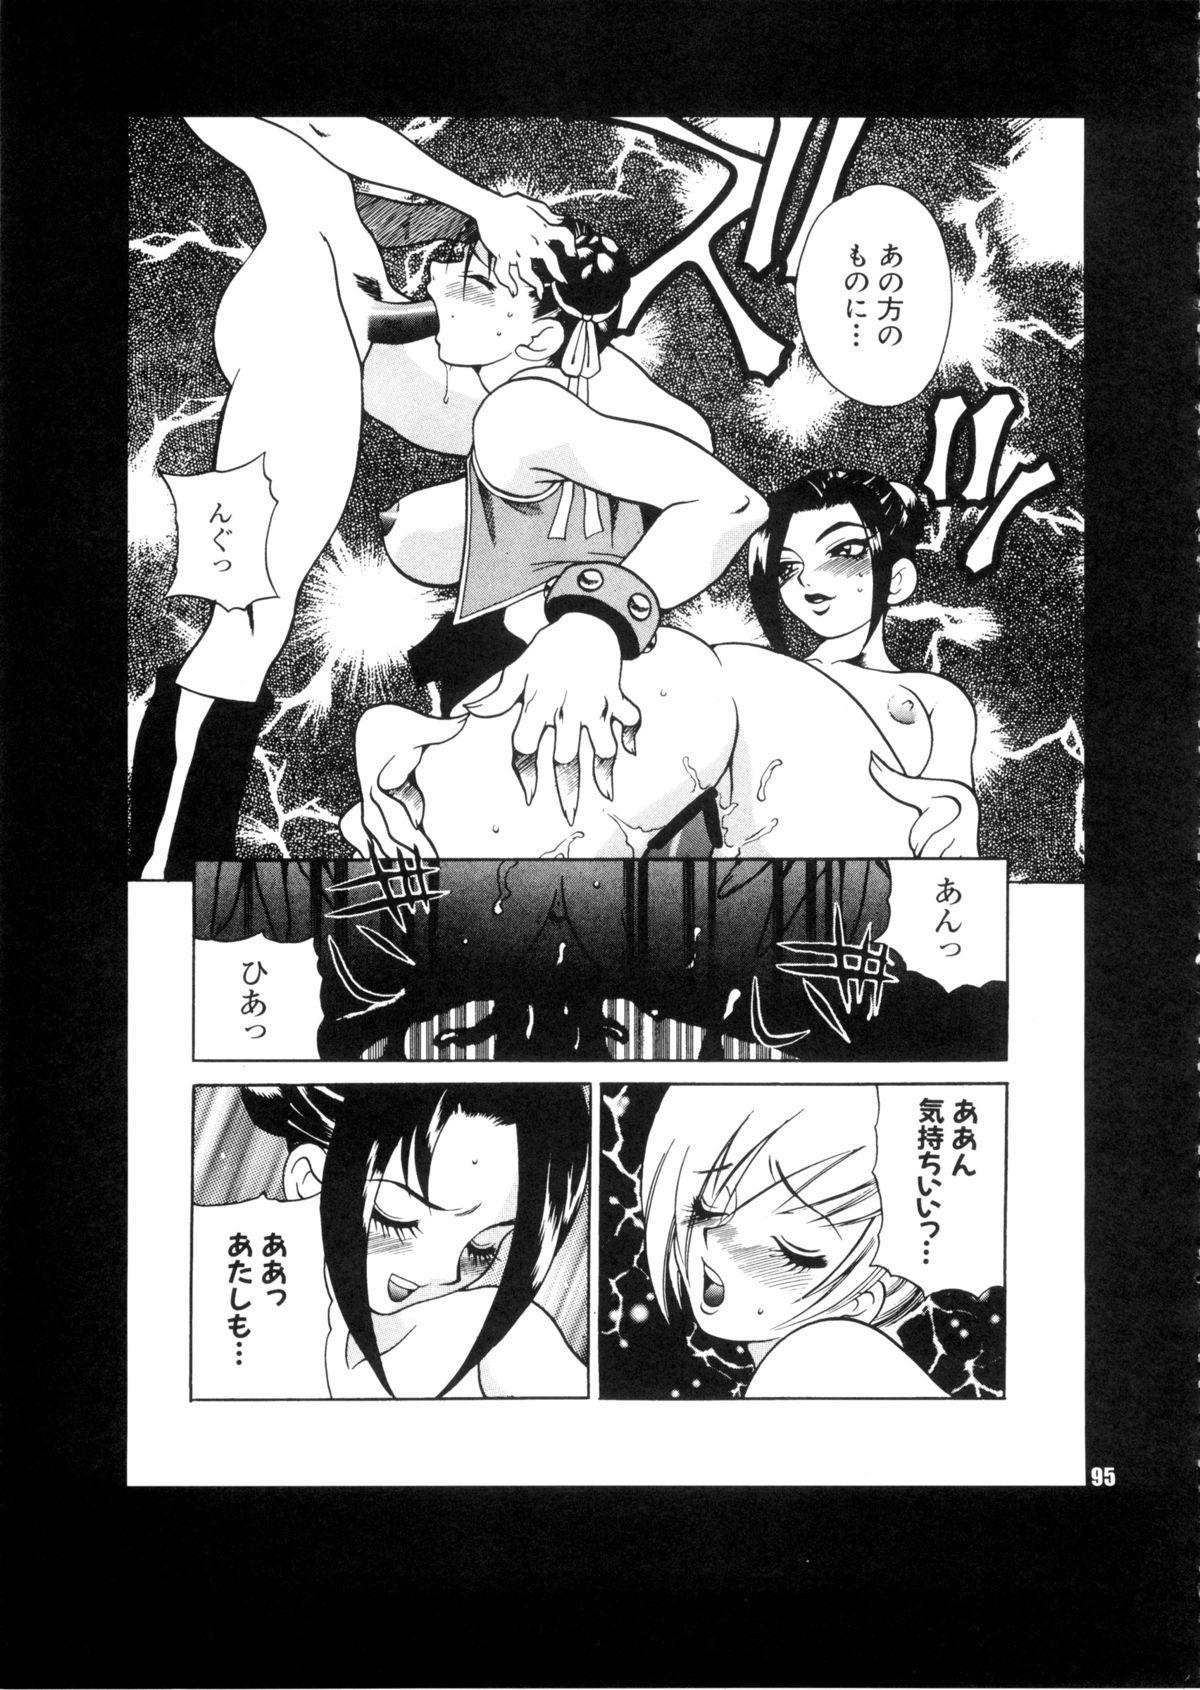 Yukiyanagi no Hon 28 Chun-Li Matome 94